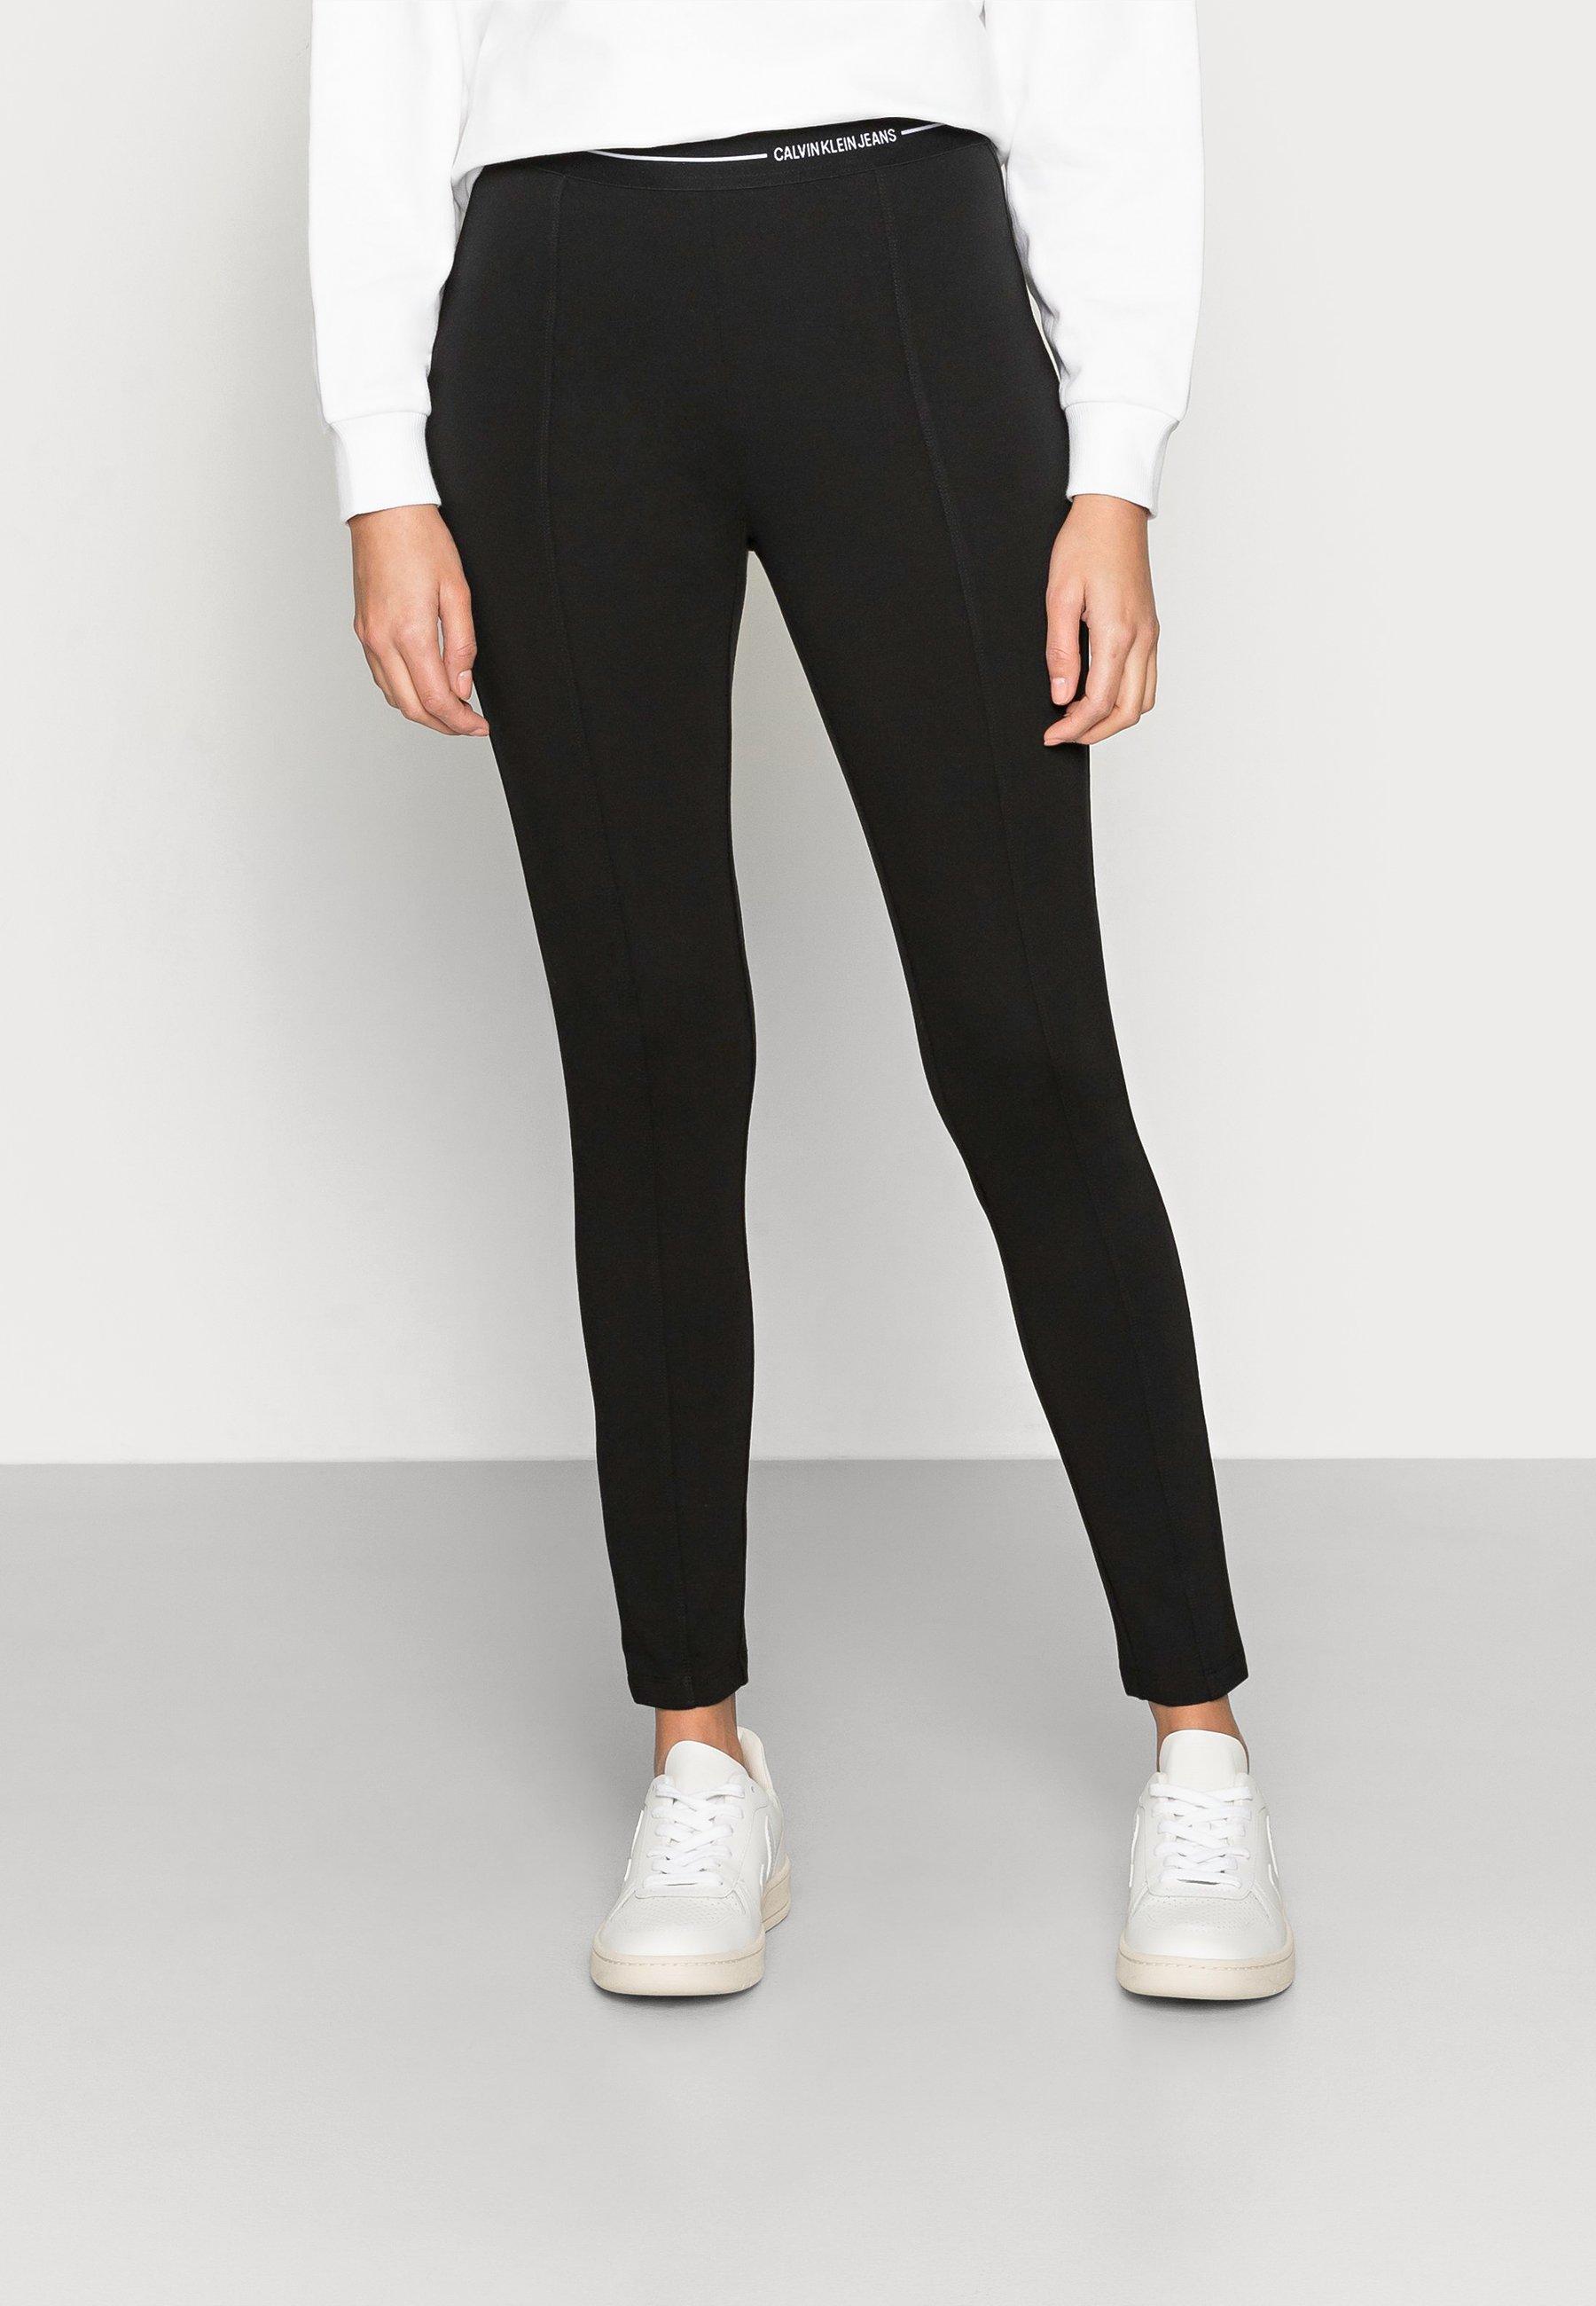 Femme MILANO LOGO ELASTIC - Legging